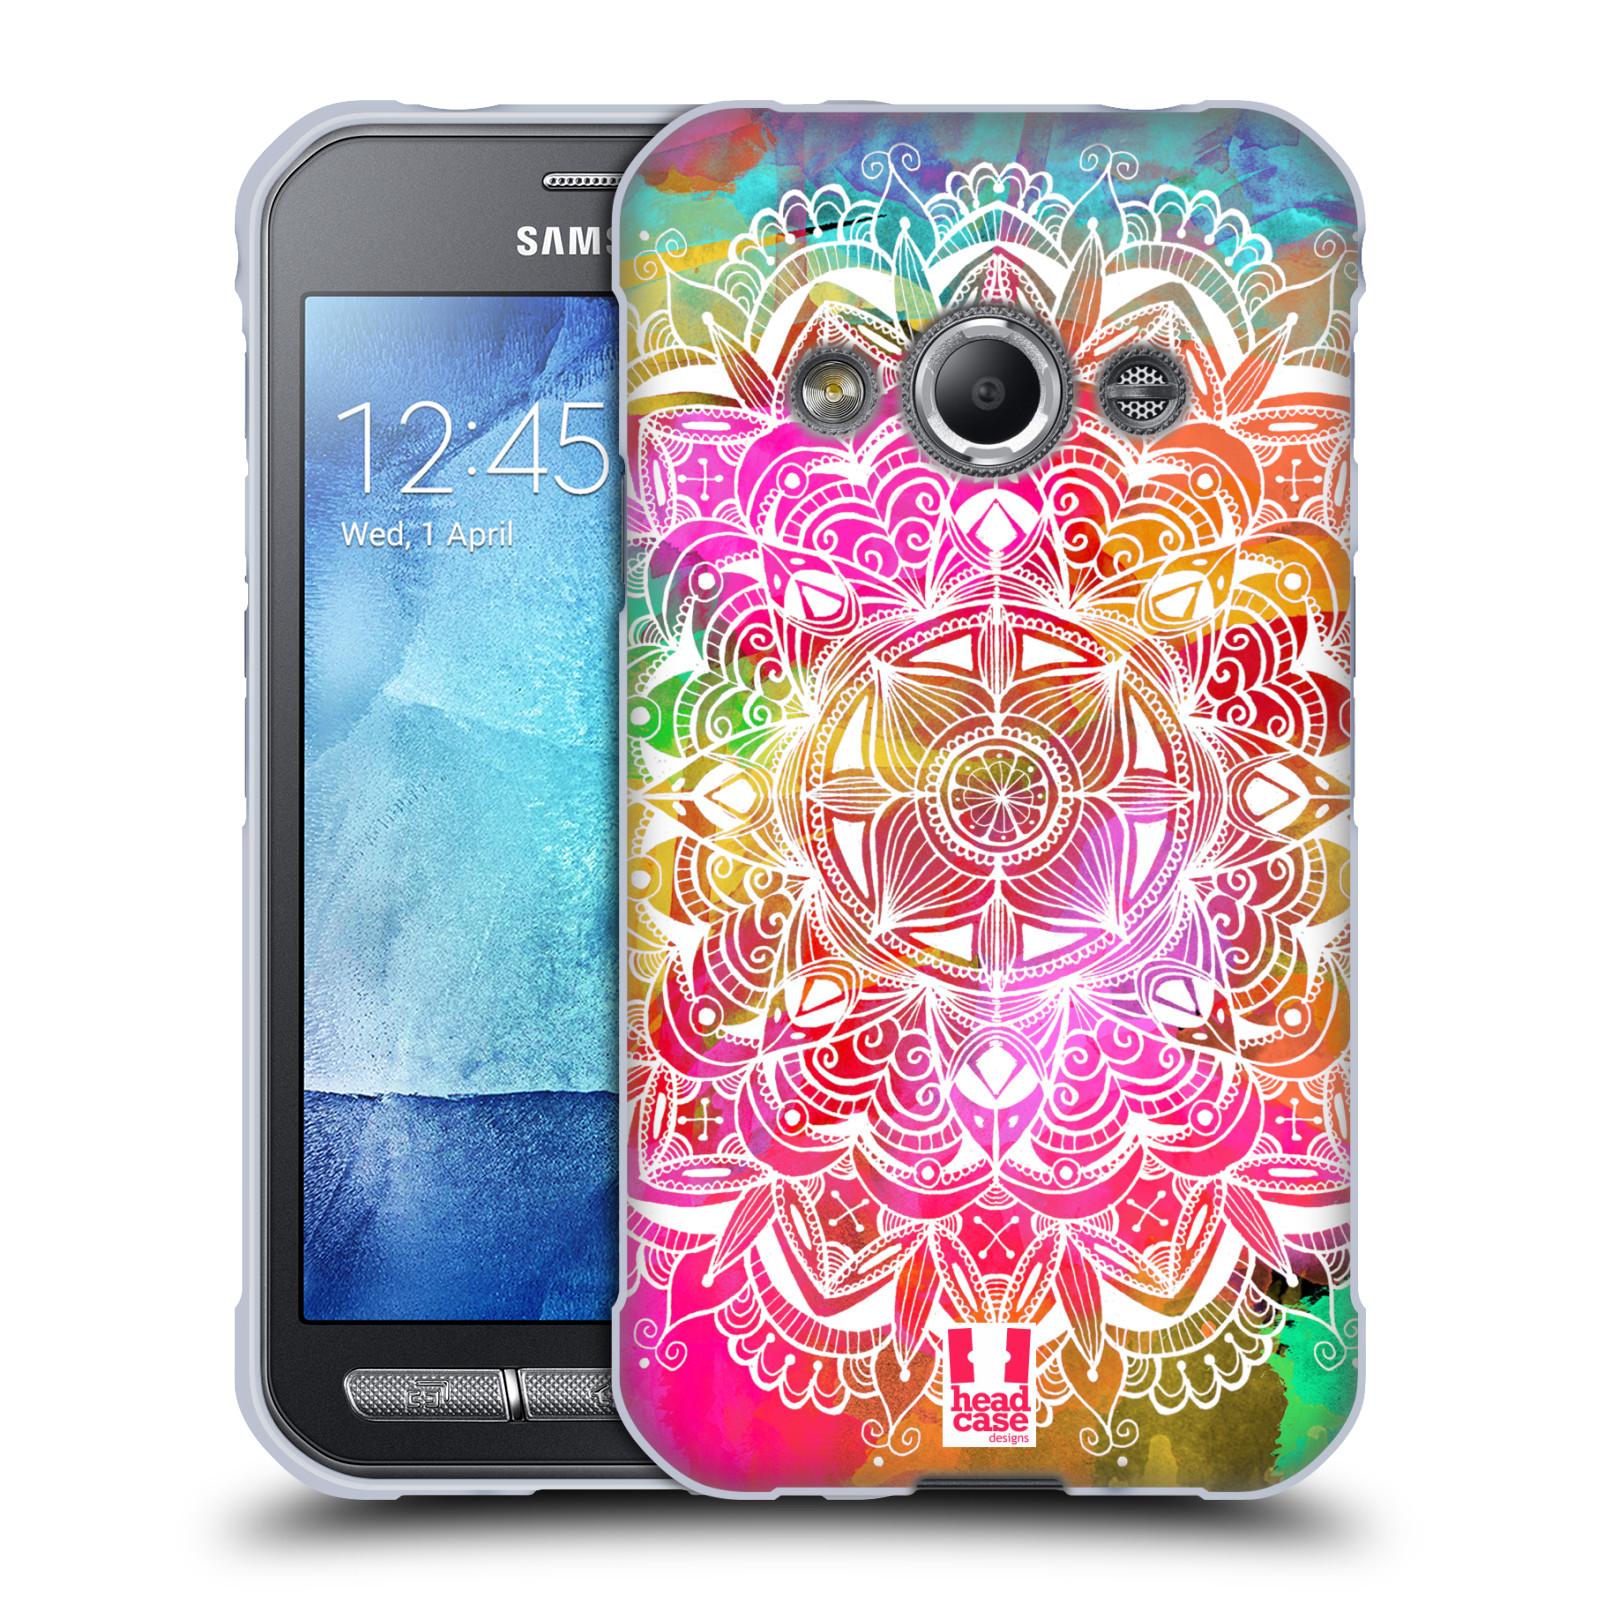 Silikonové pouzdro na mobil Samsung Galaxy Xcover 3 HEAD CASE Mandala Doodle Watercolour (Silikonový kryt či obal na mobilní telefon Samsung Galaxy Xcover 3 SM-G388F)